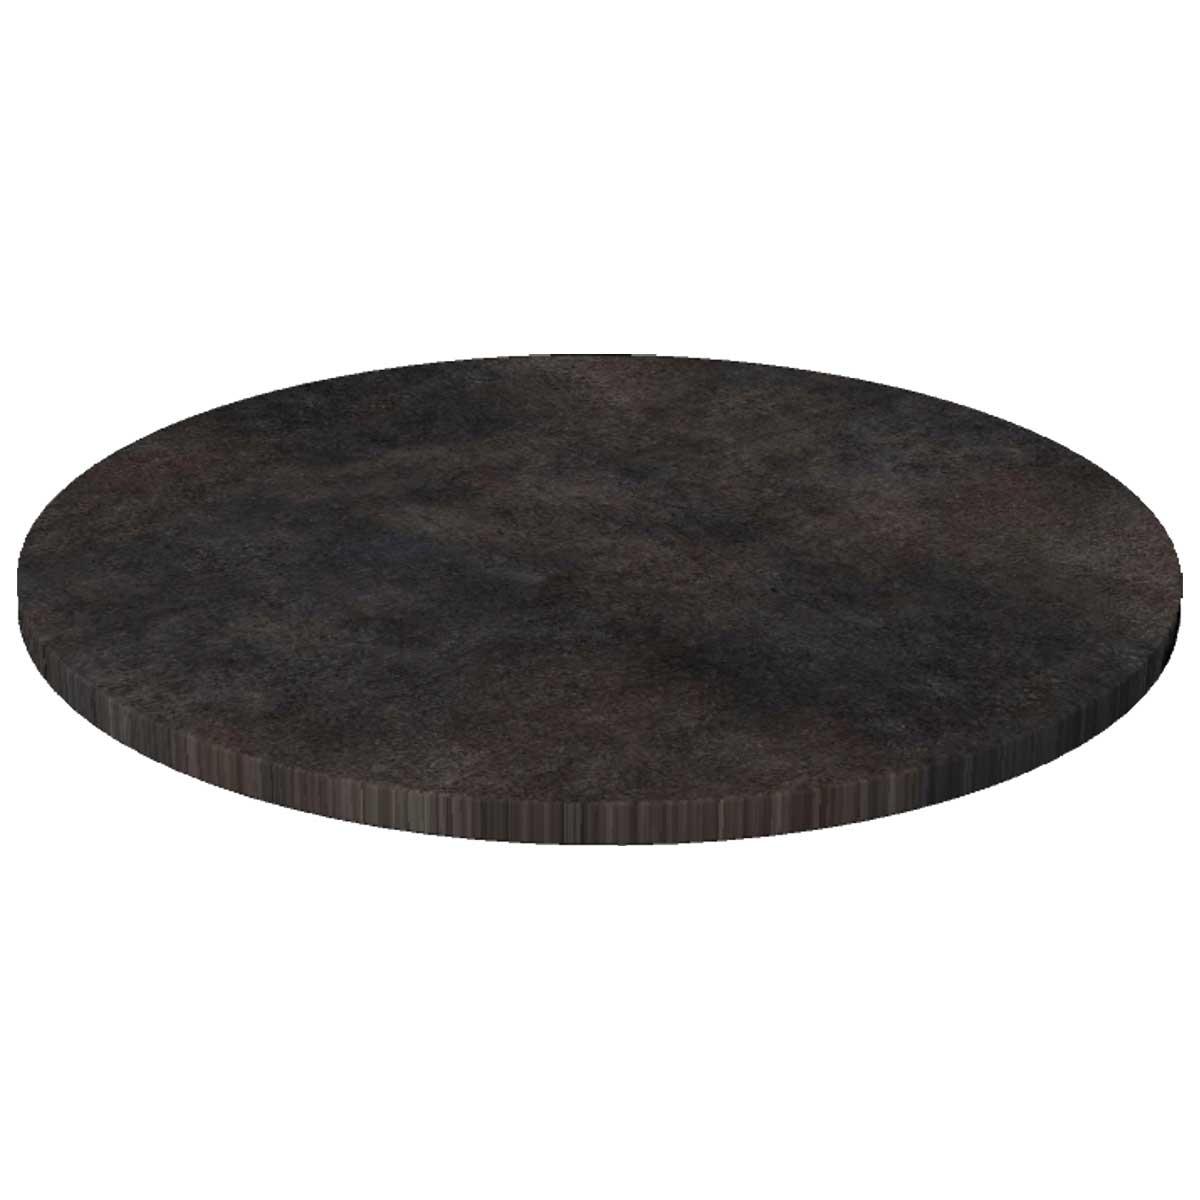 TICAM R60 3279 - https://www.werzalit.com/fr/produit/plateau-de-table-cambium-r-o60cm-epaisseur-de-panneau-29cm-decor-cologne/